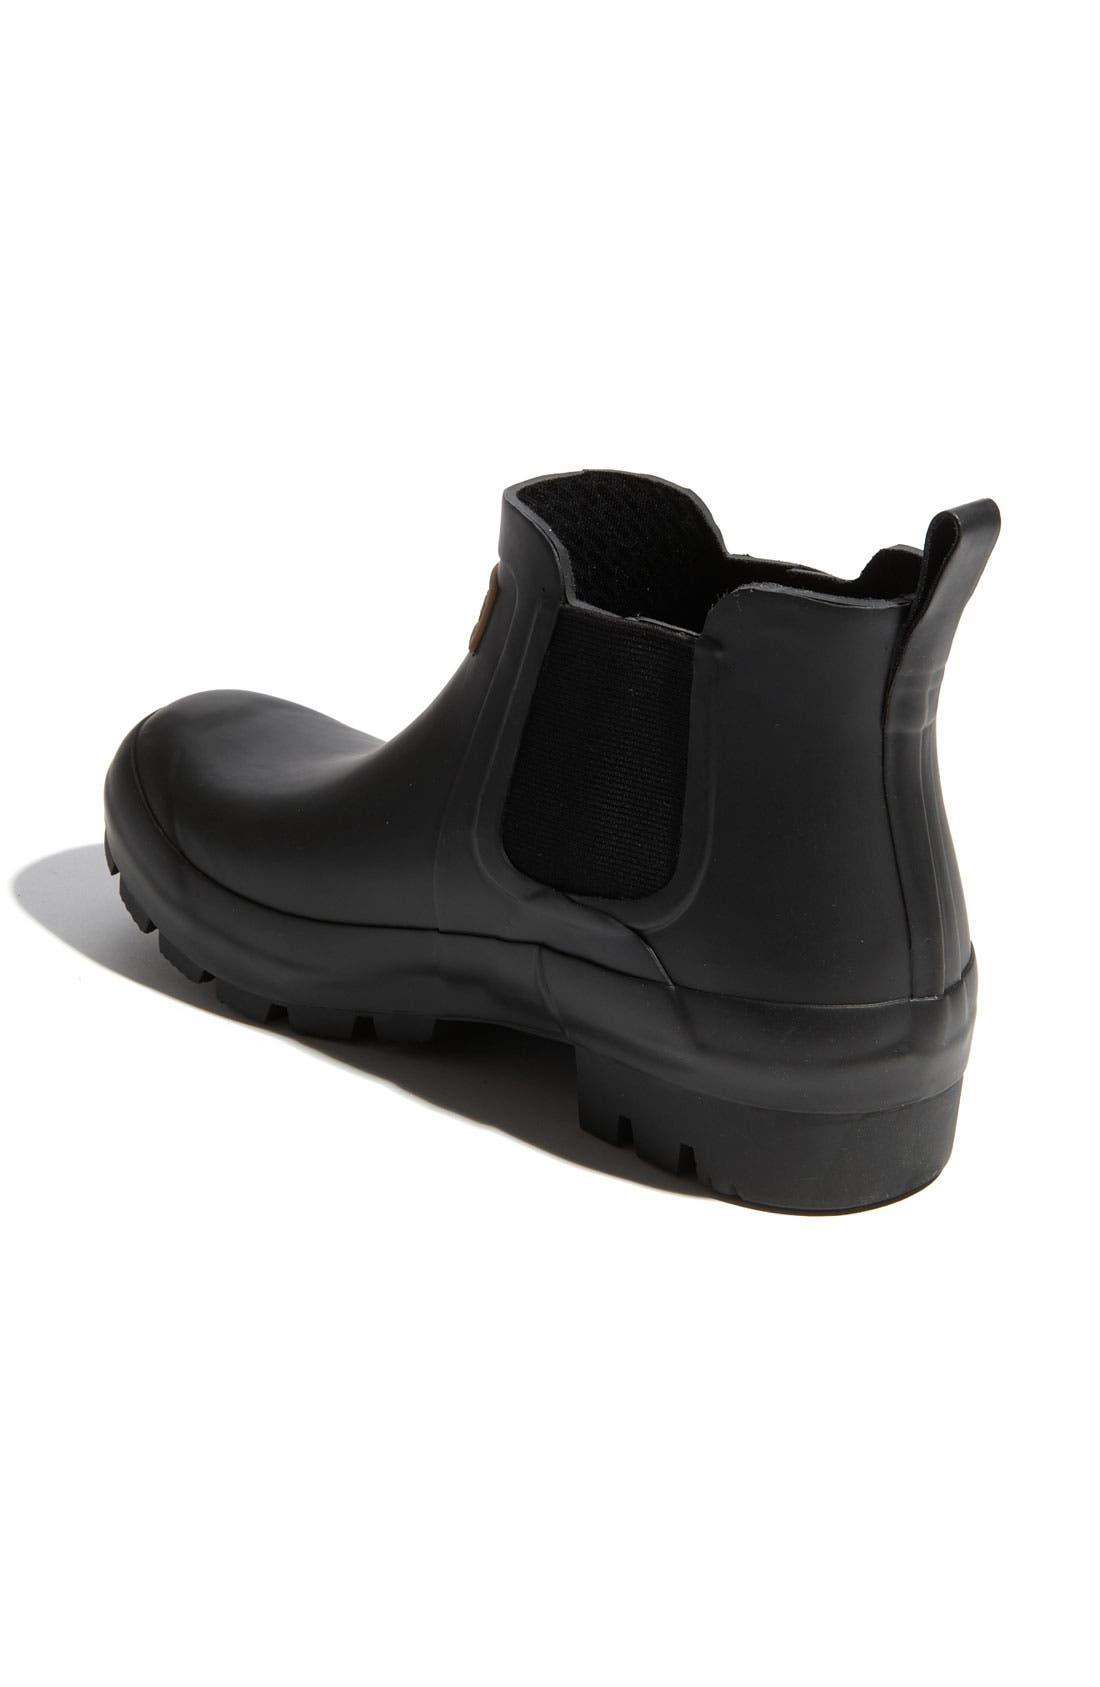 Alternate Image 2  - Hunter 'Andrew' Rain Boot (Men) (Online Only)